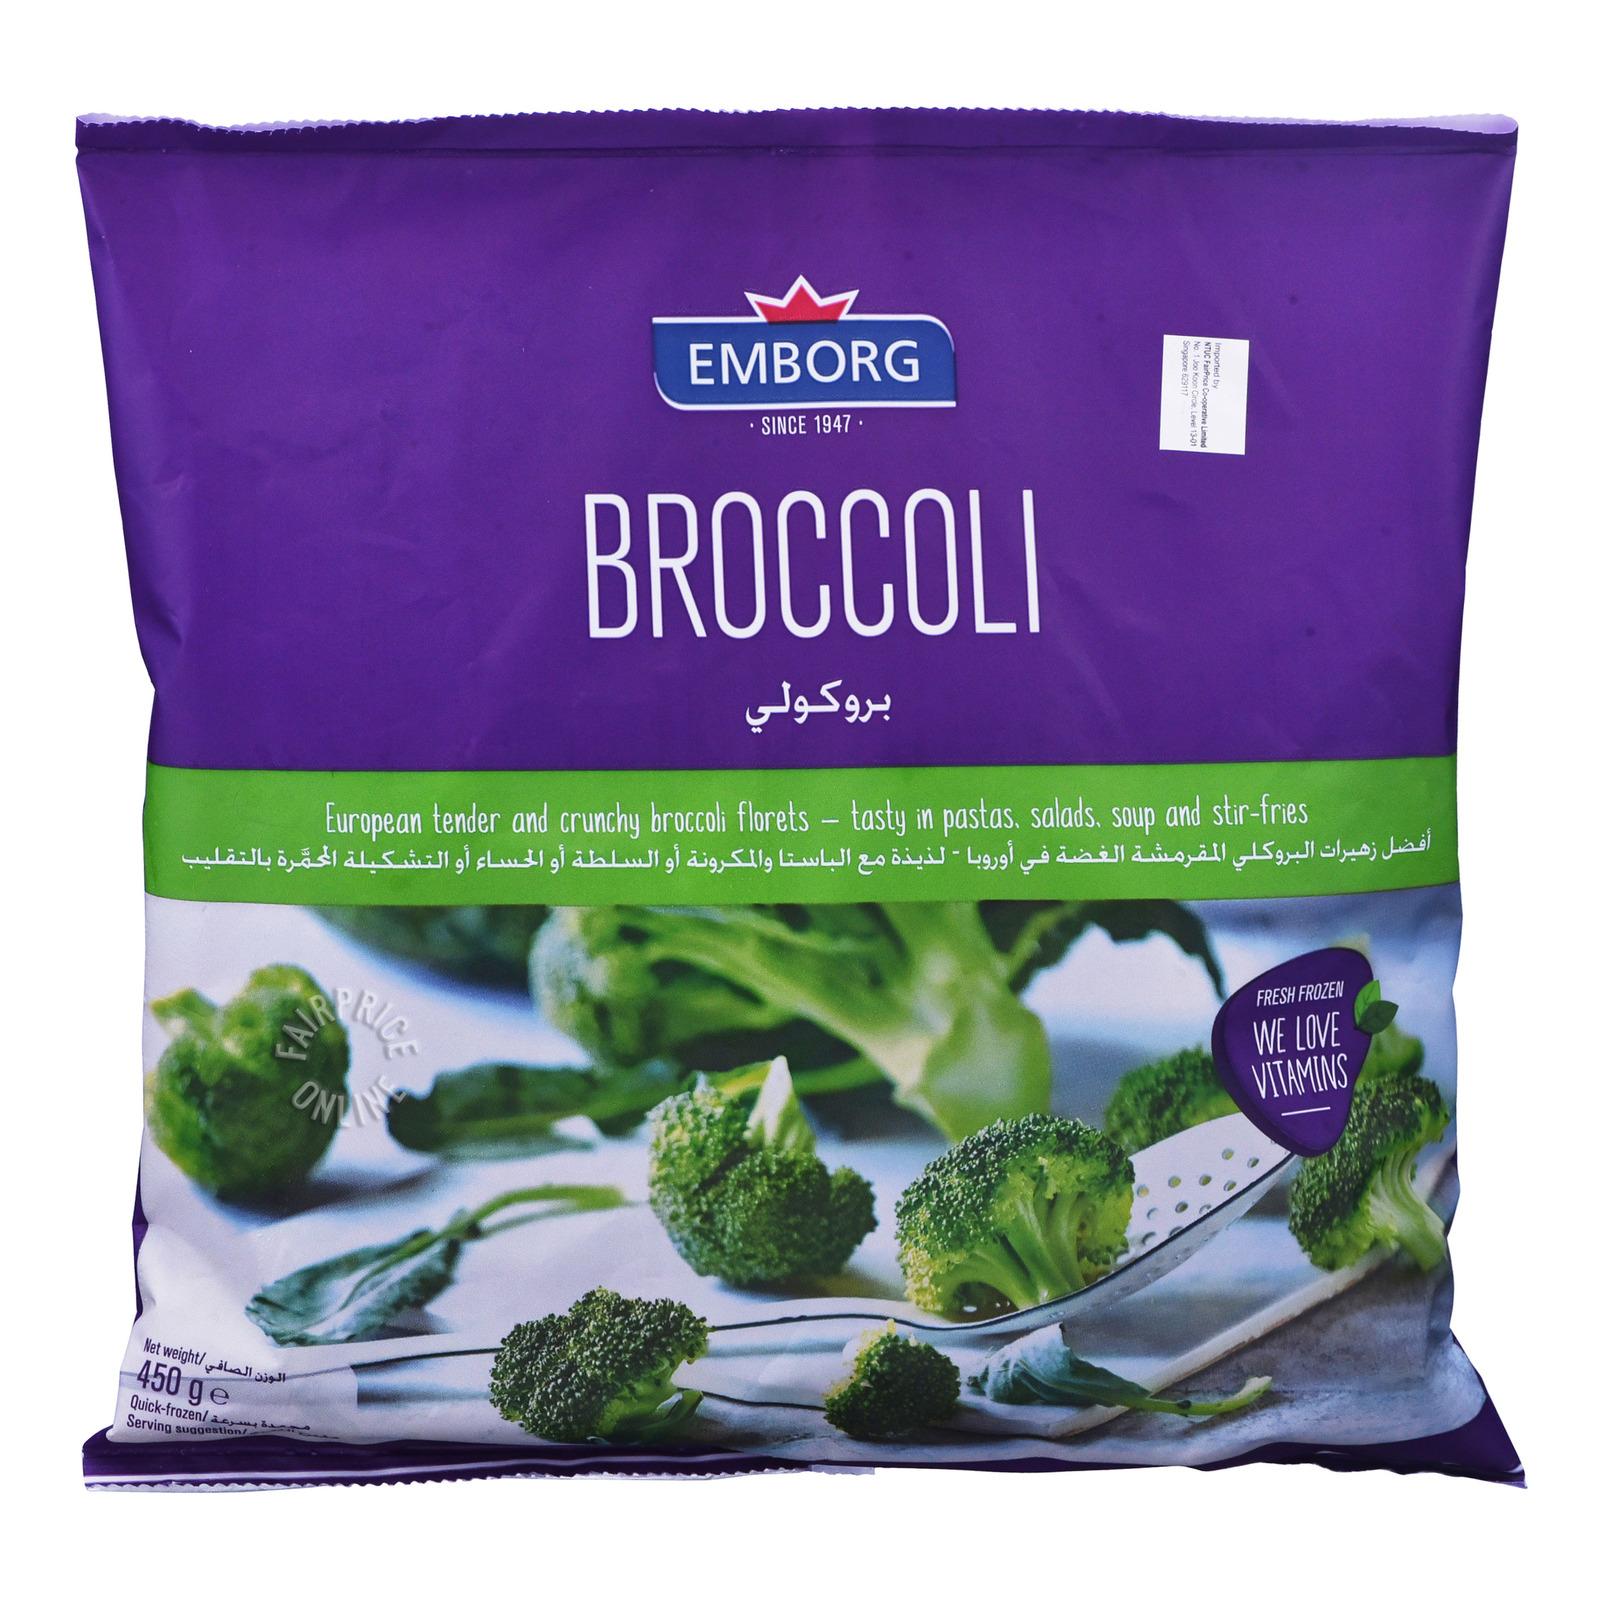 Emborg Frozen Broccoli Florets